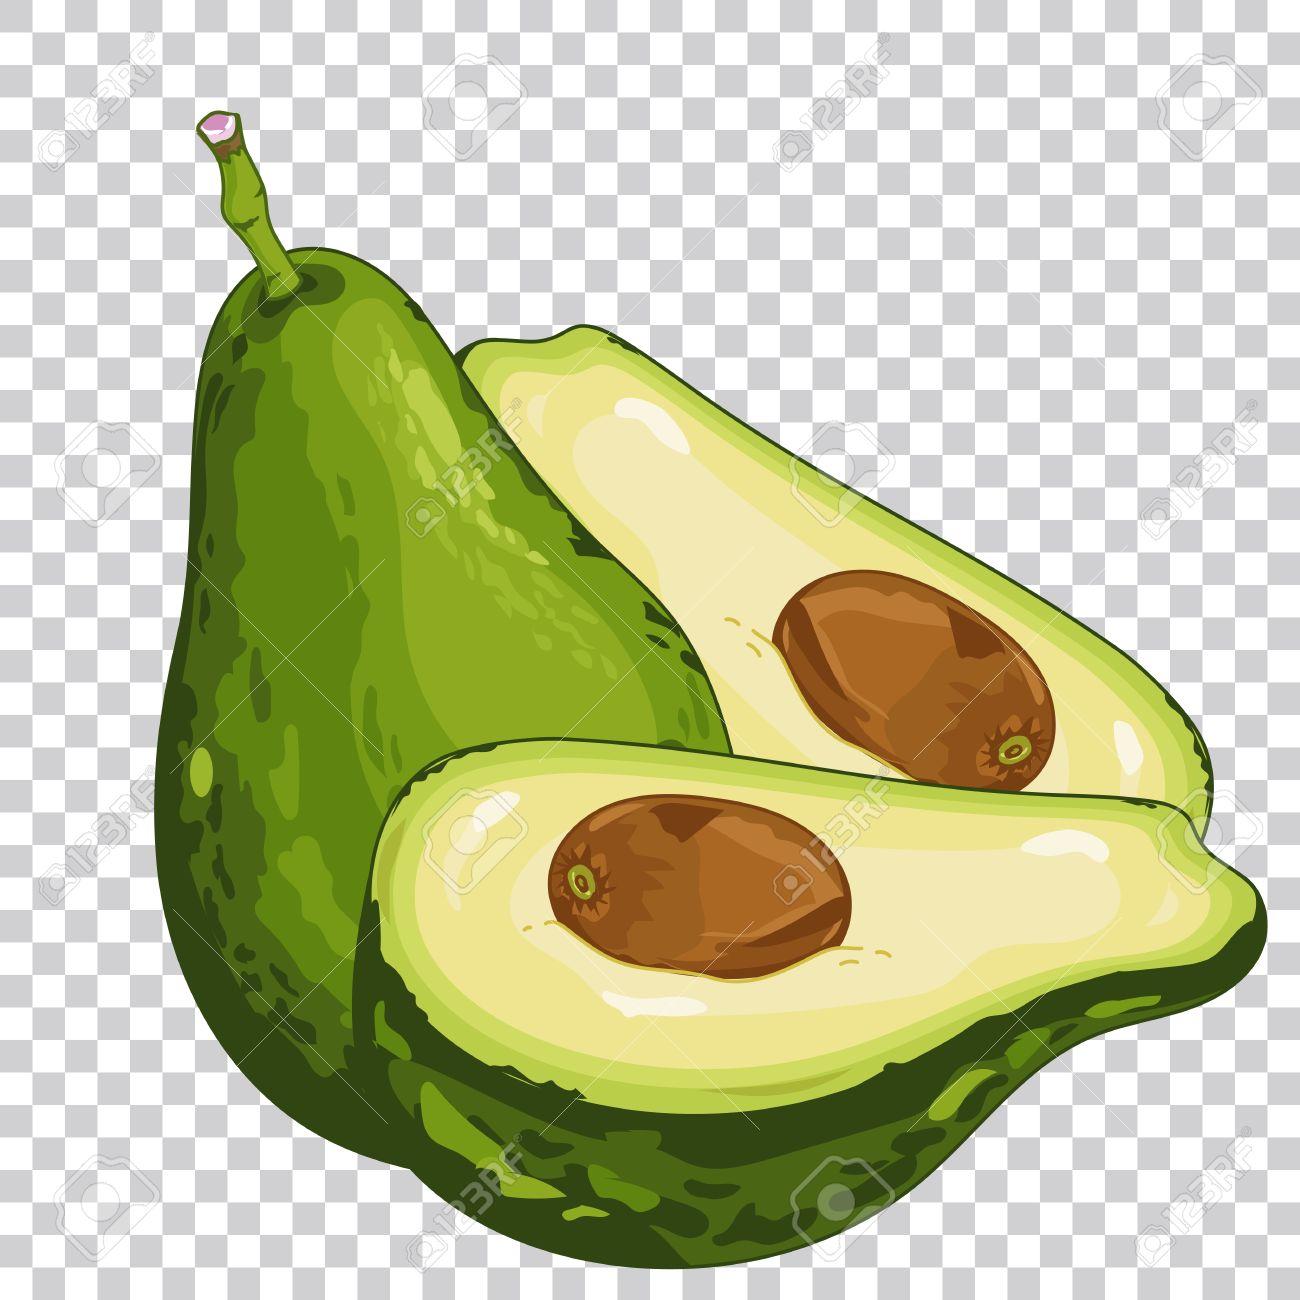 Avocado isolated, Avocado on transparent background. Avocado...